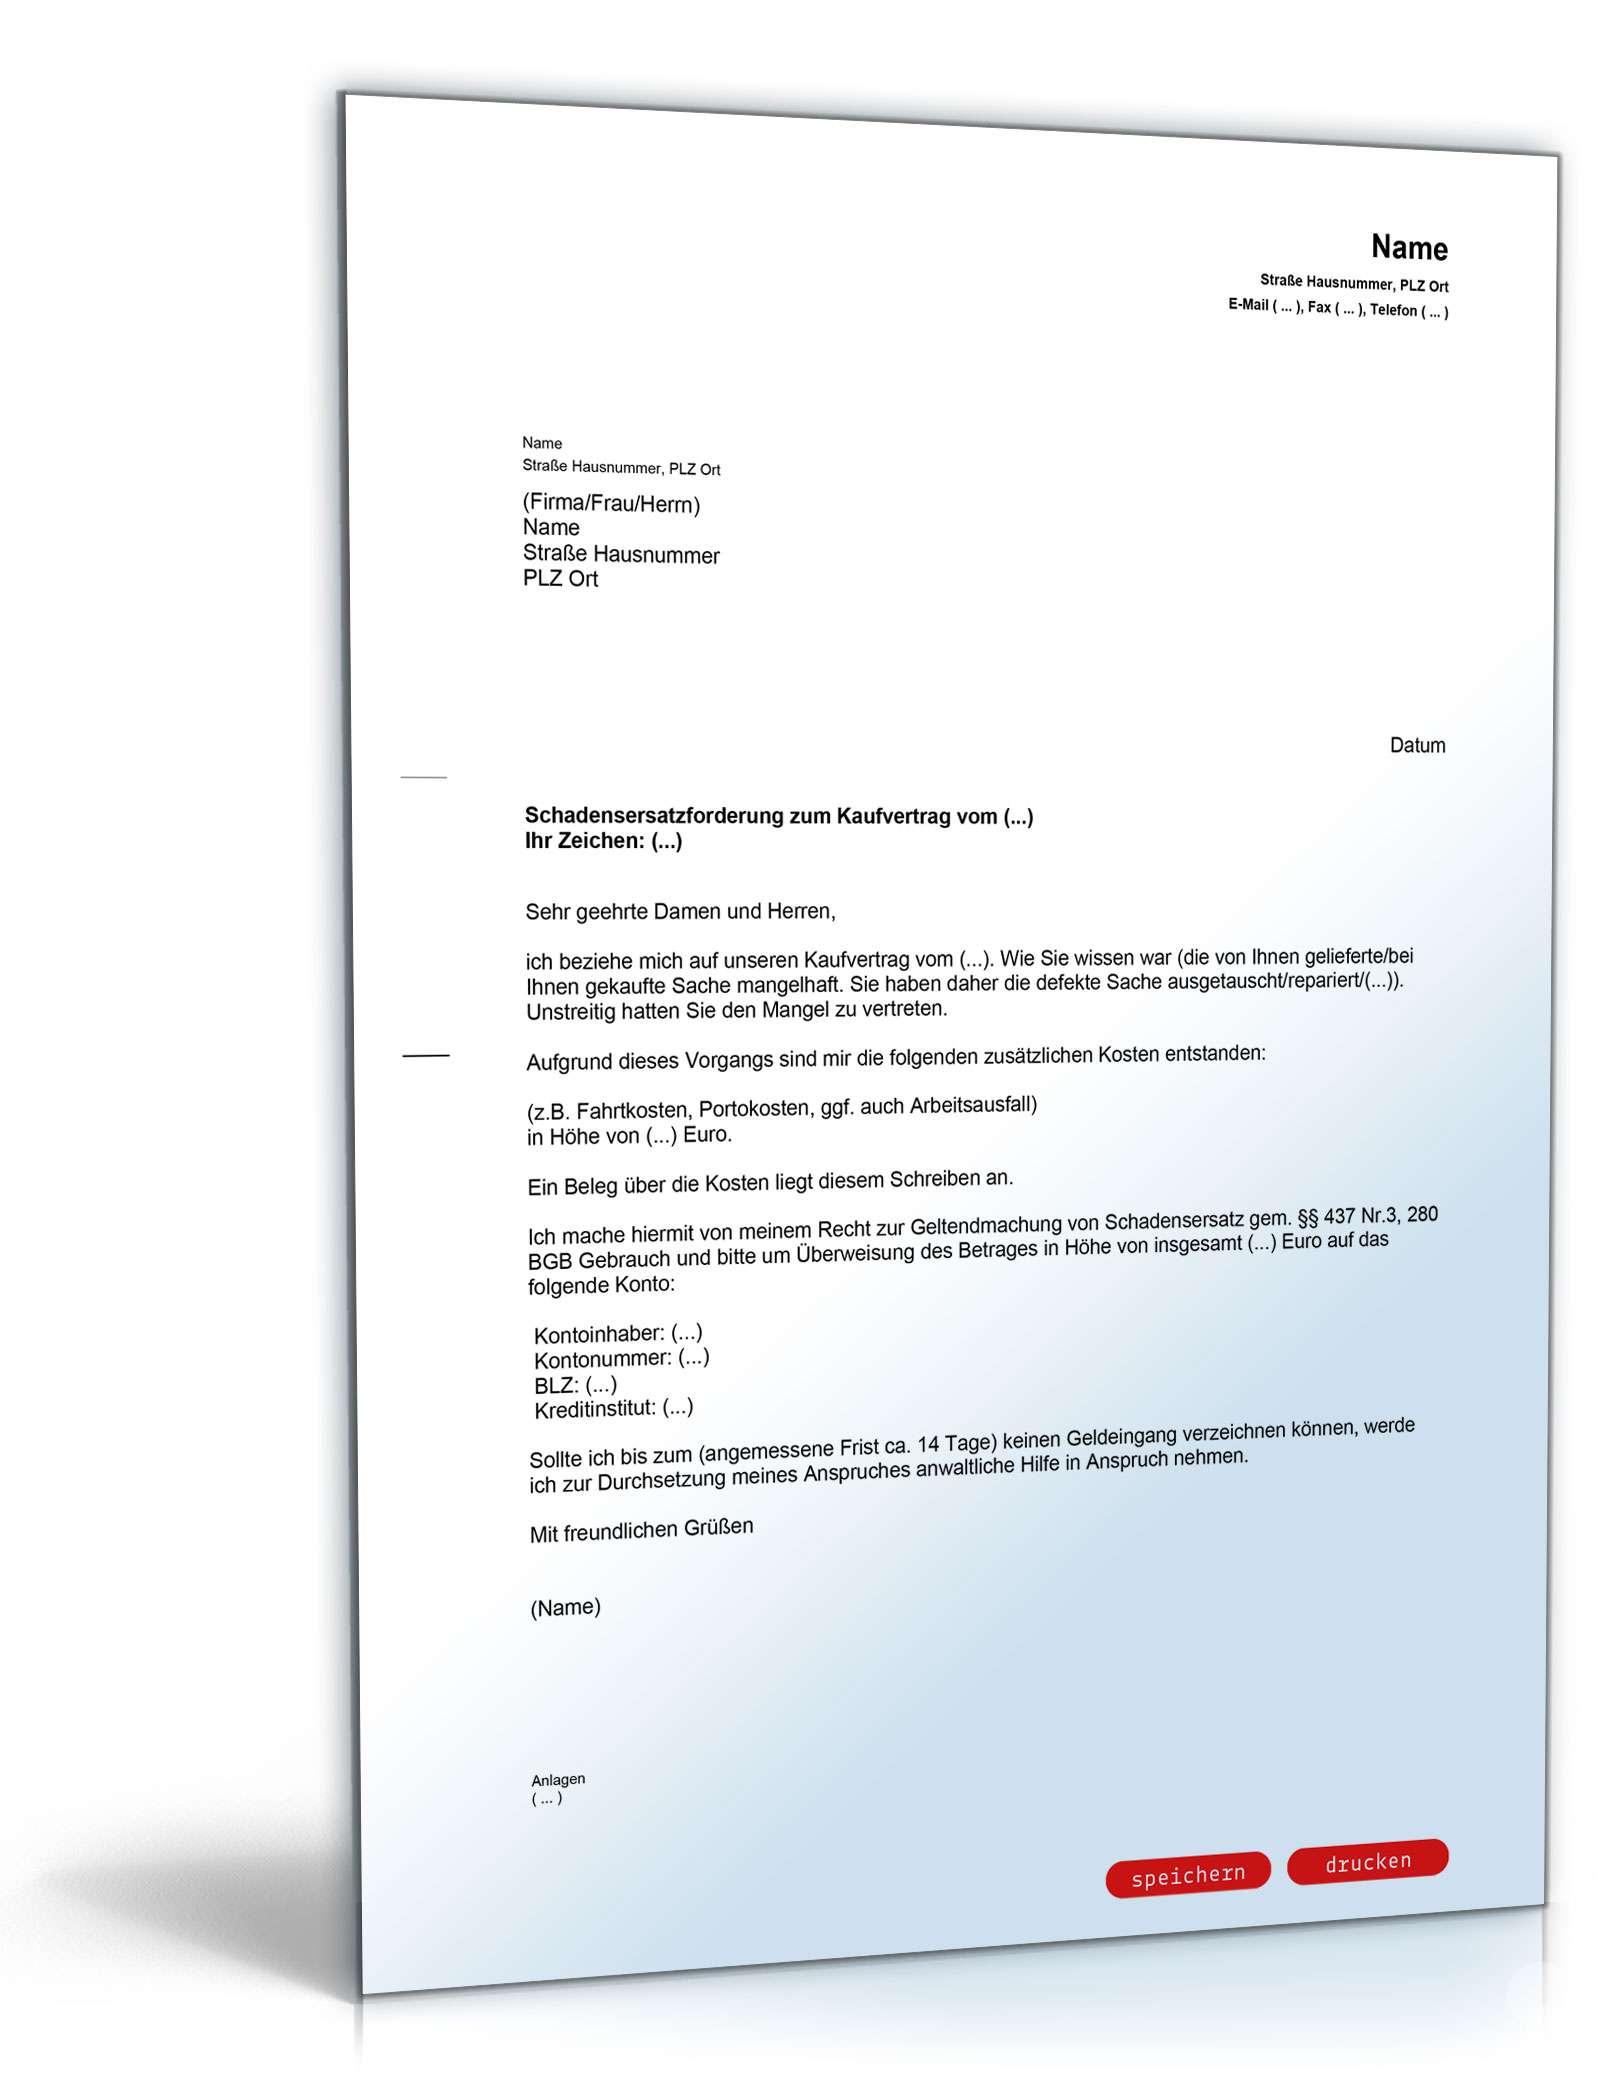 schadensersatz nach umtausch musterbrief zum download - Rucktritt Vom Kaufvertrag Muster